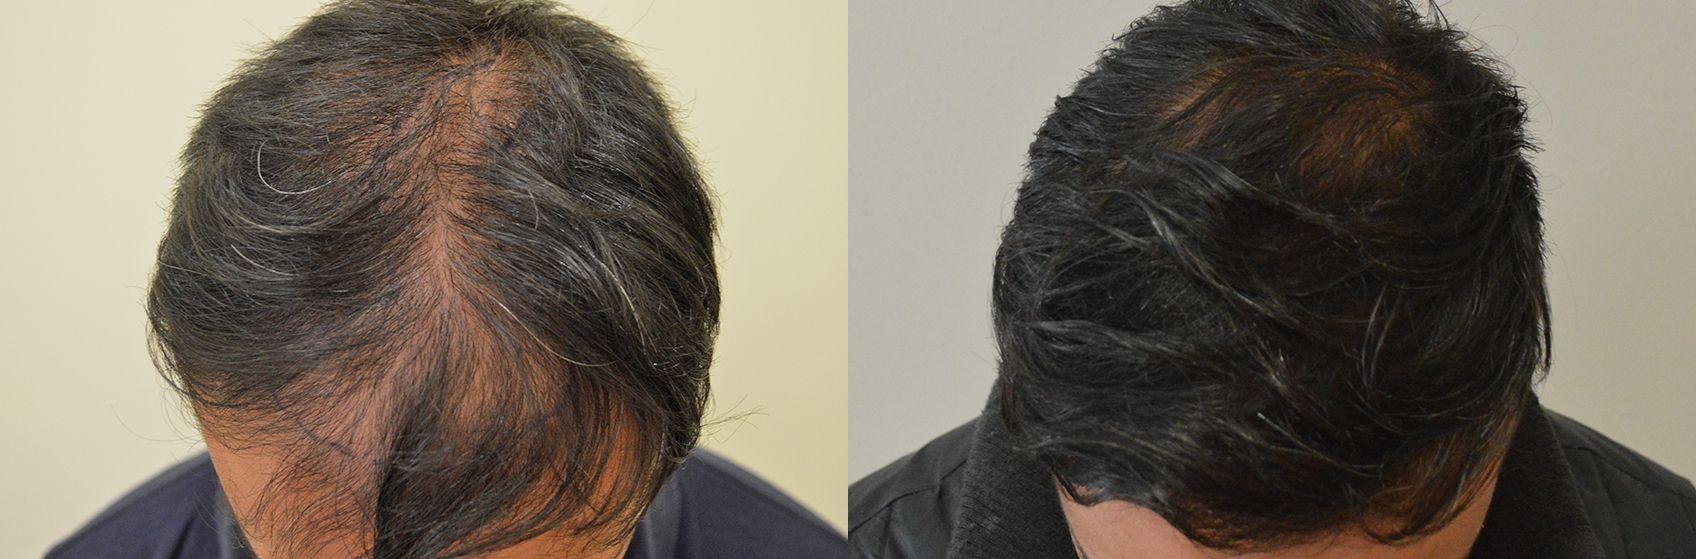 trapianto capelli FUE b4640444a6b5